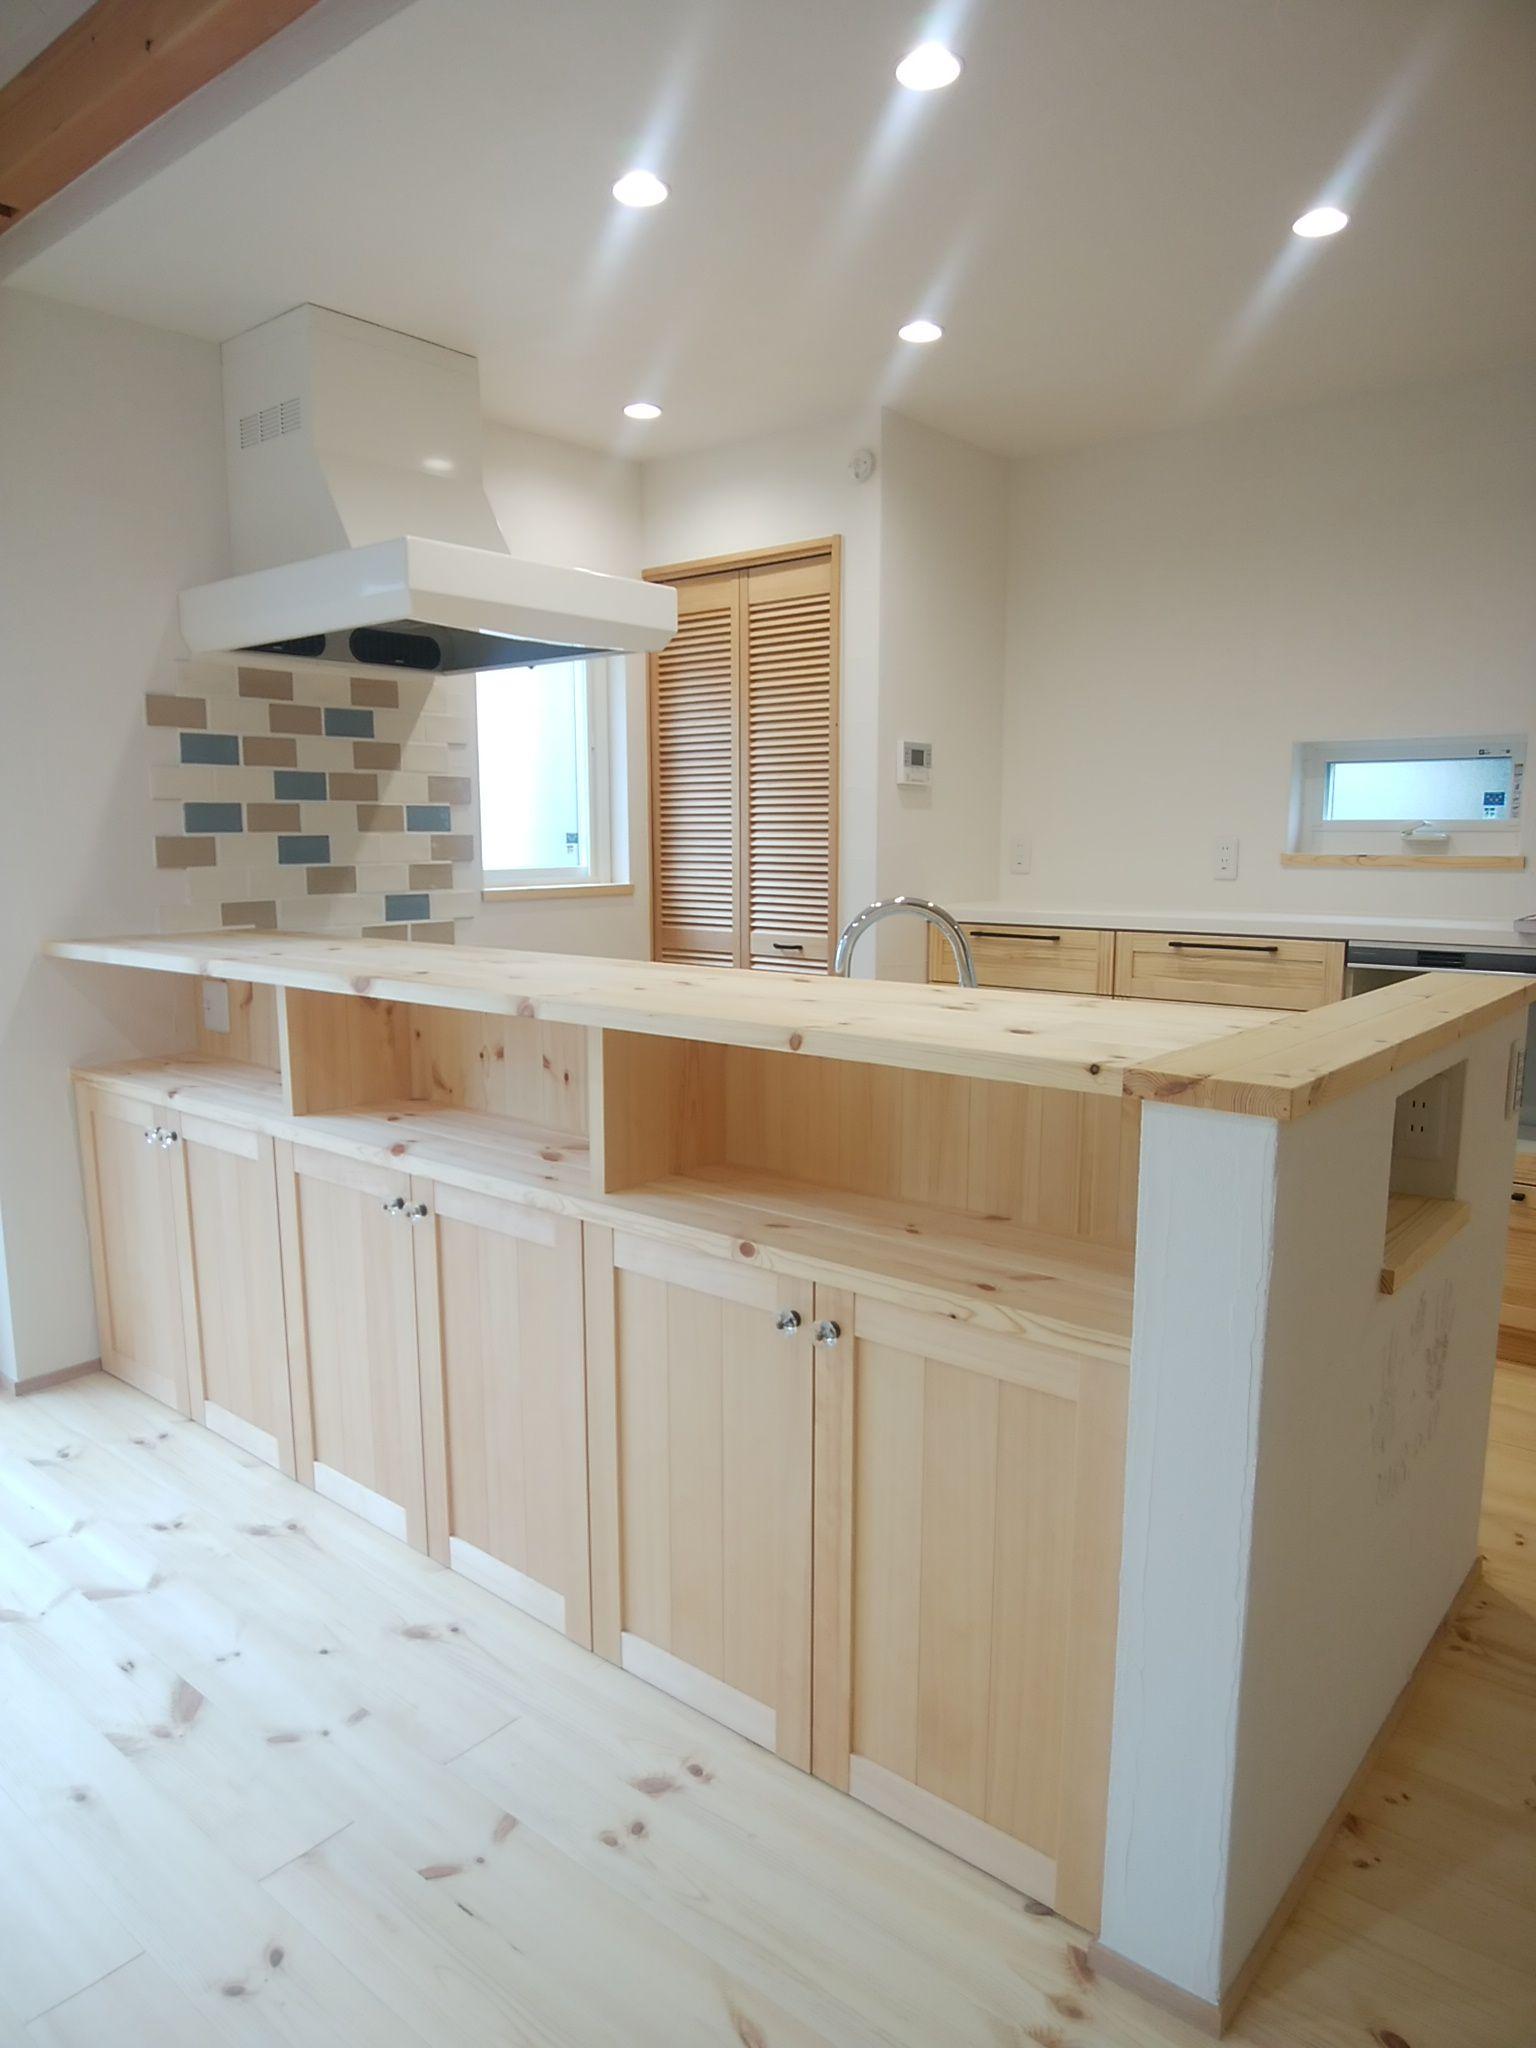 たっぷり収納できて カウンターとしても使える 便利な造作キッチン